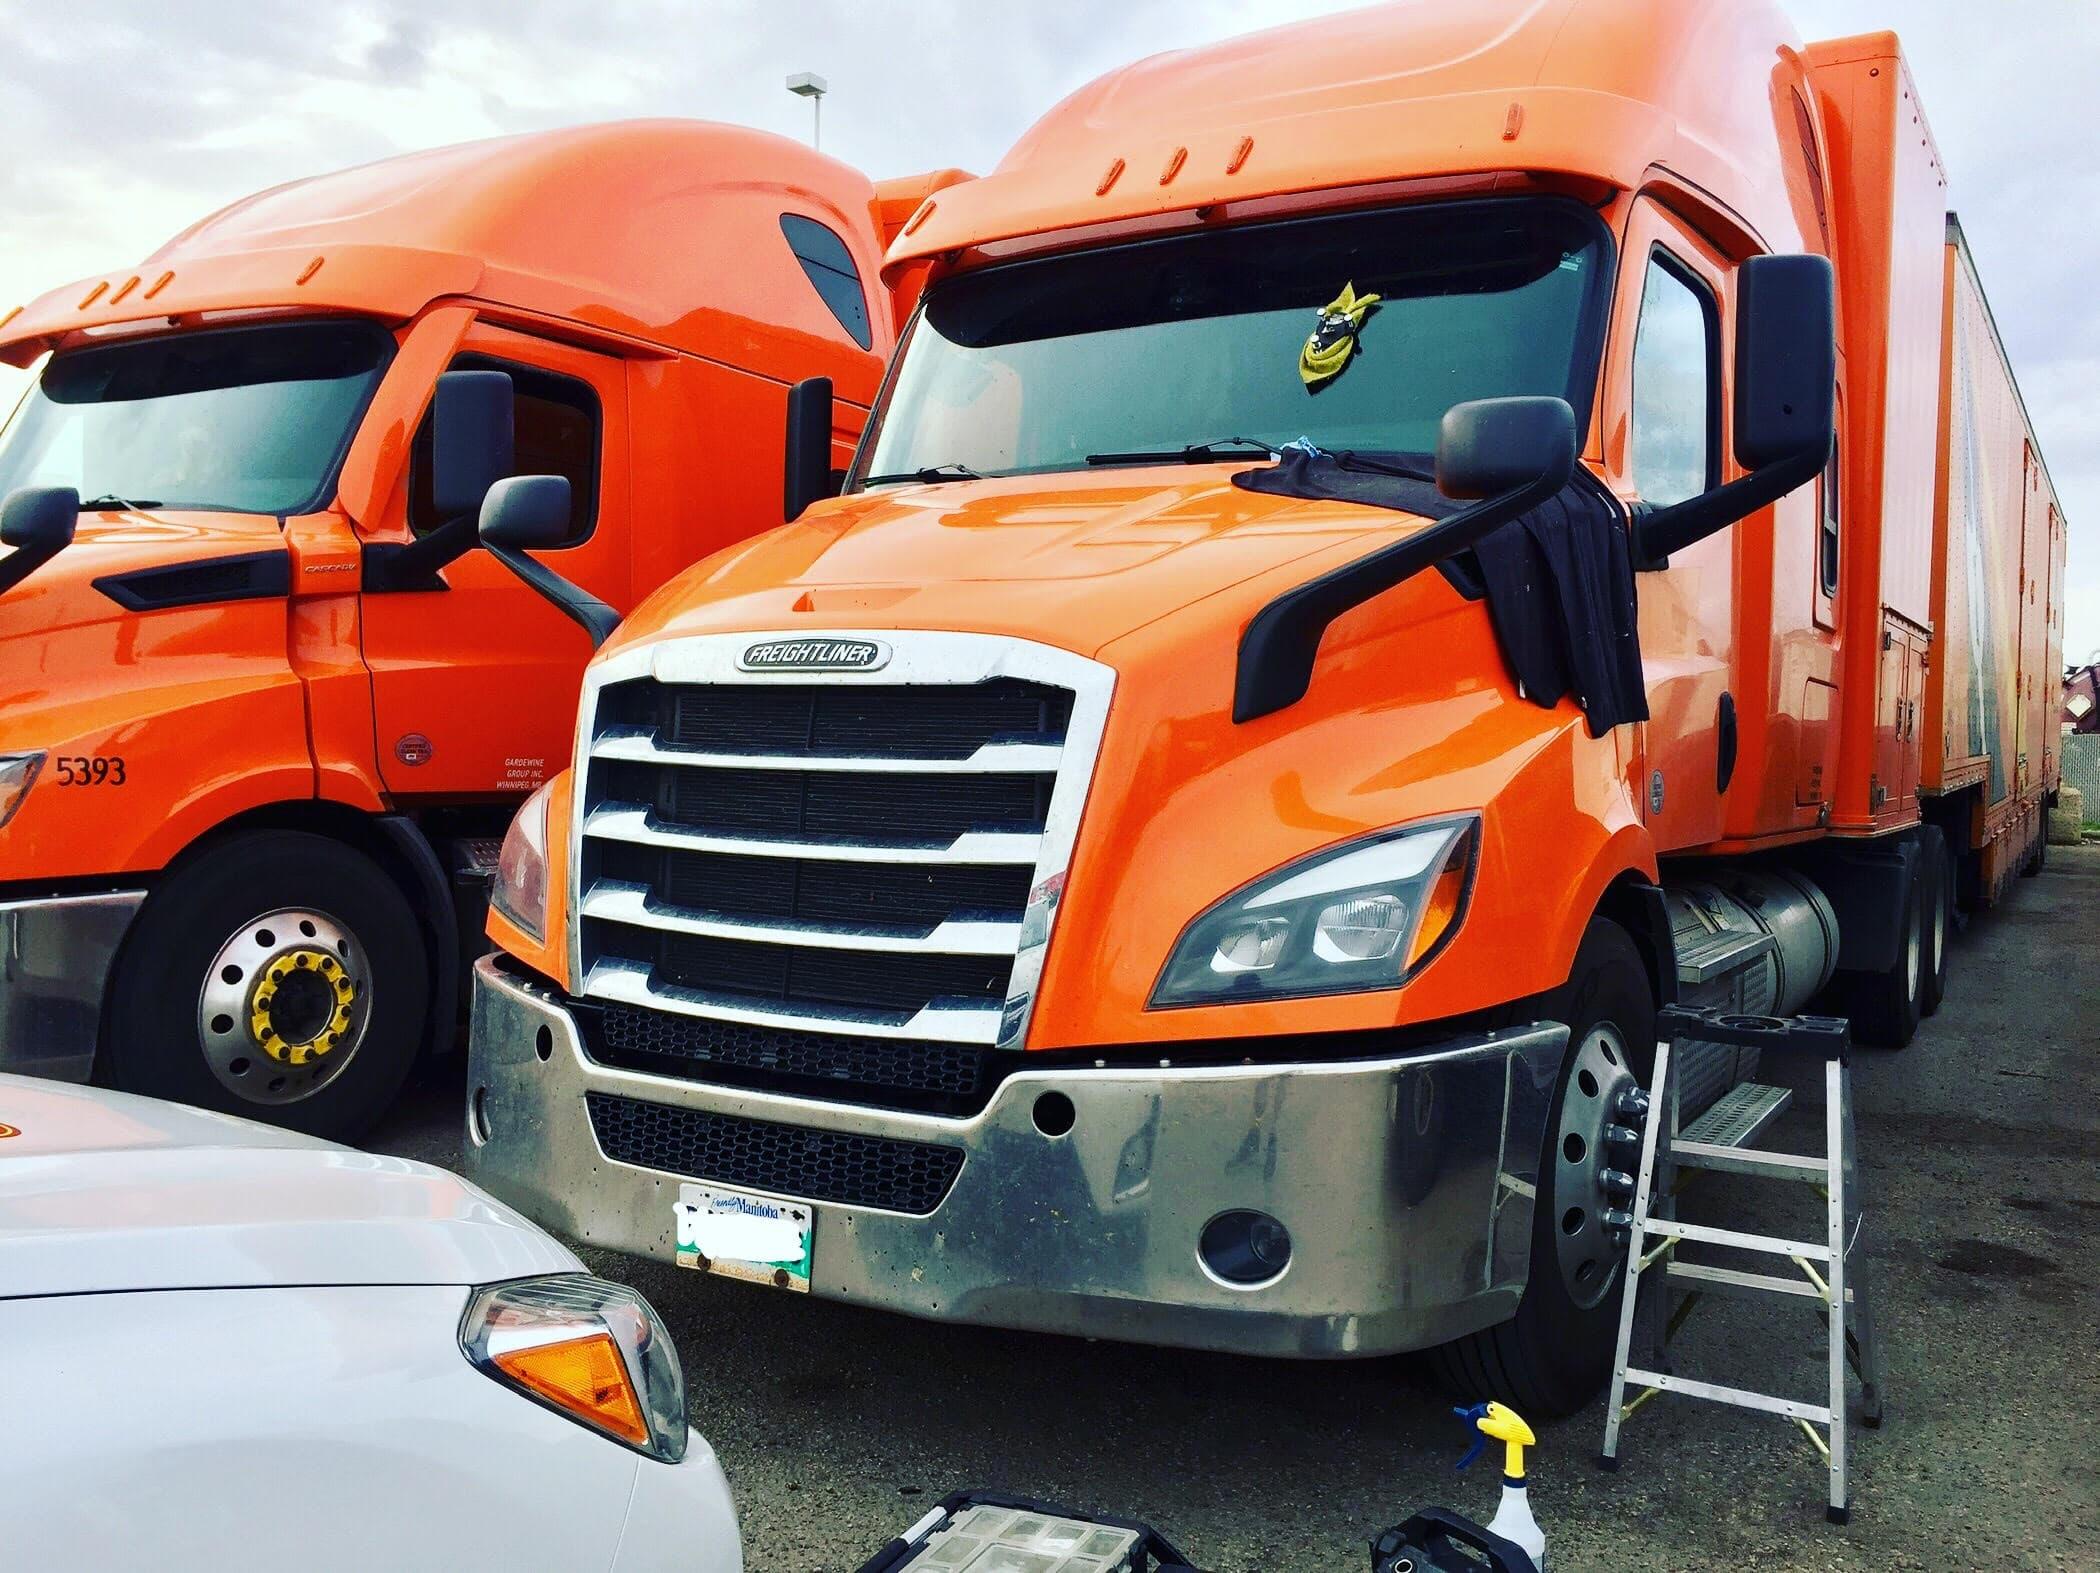 windshield repair on a semi-truck